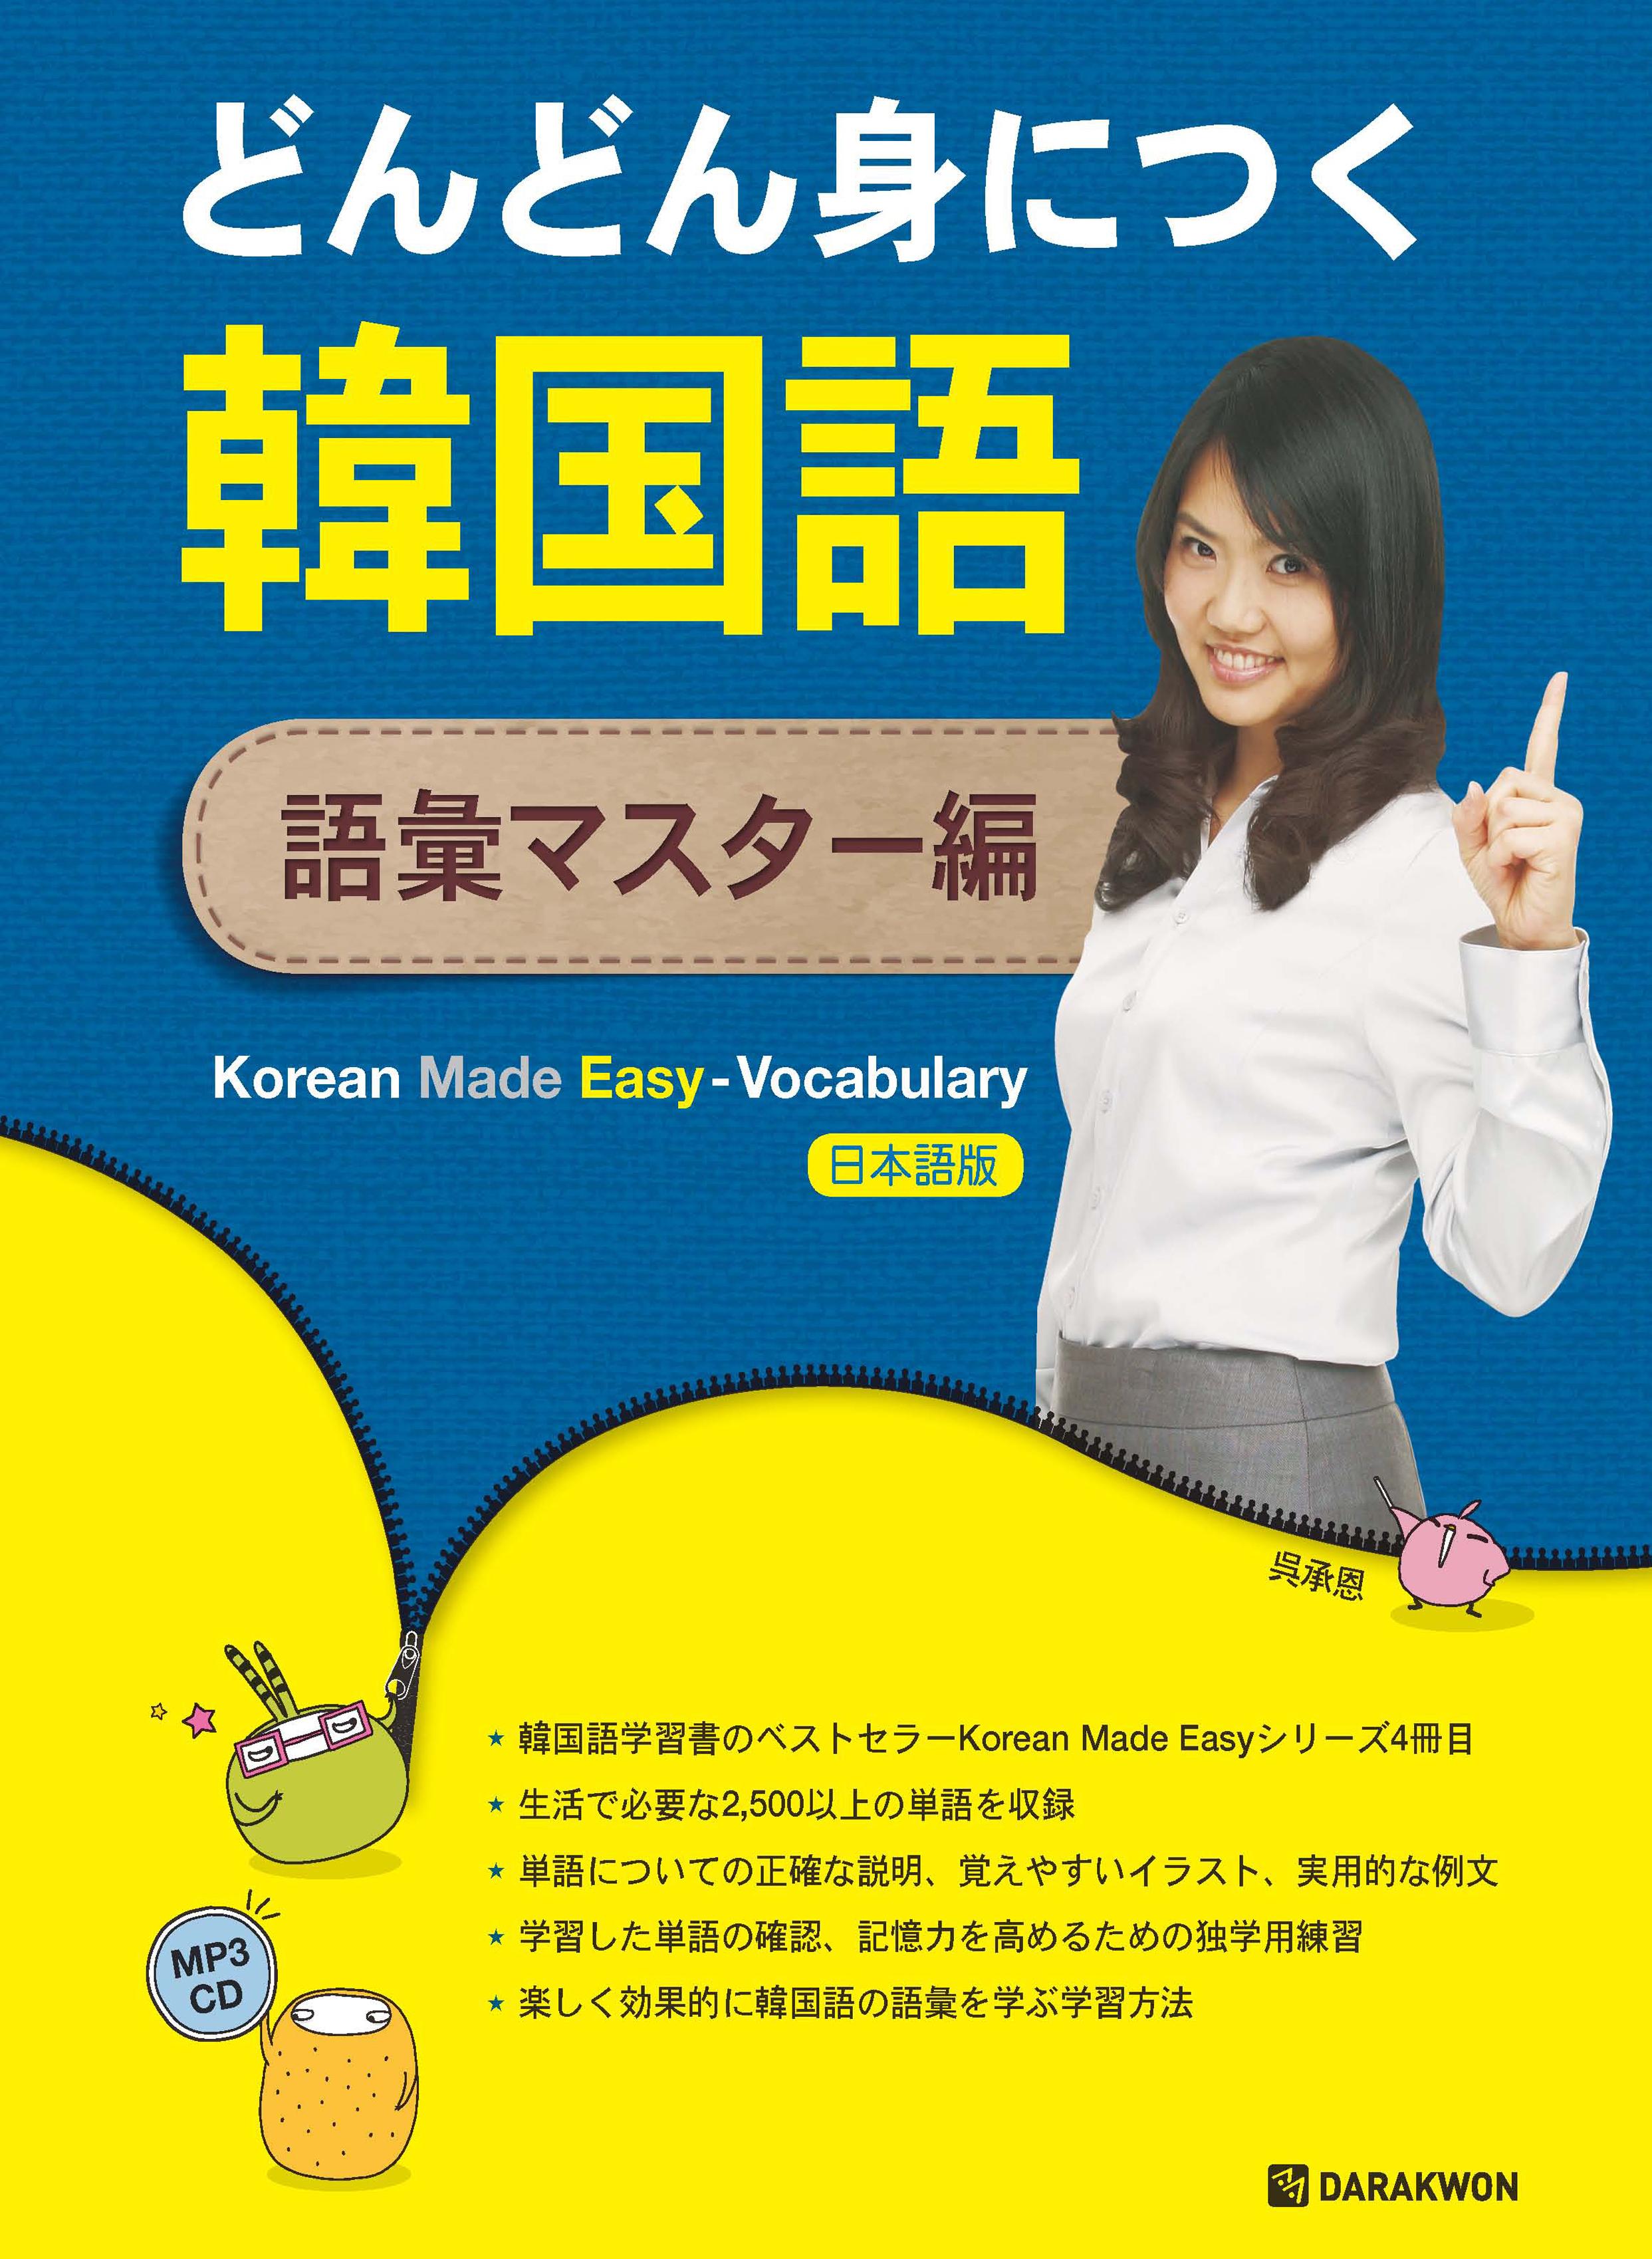 [Korean Made Easy] Korean made easy - Vocabulary|どんどん身につく韓國語 : 日本語版